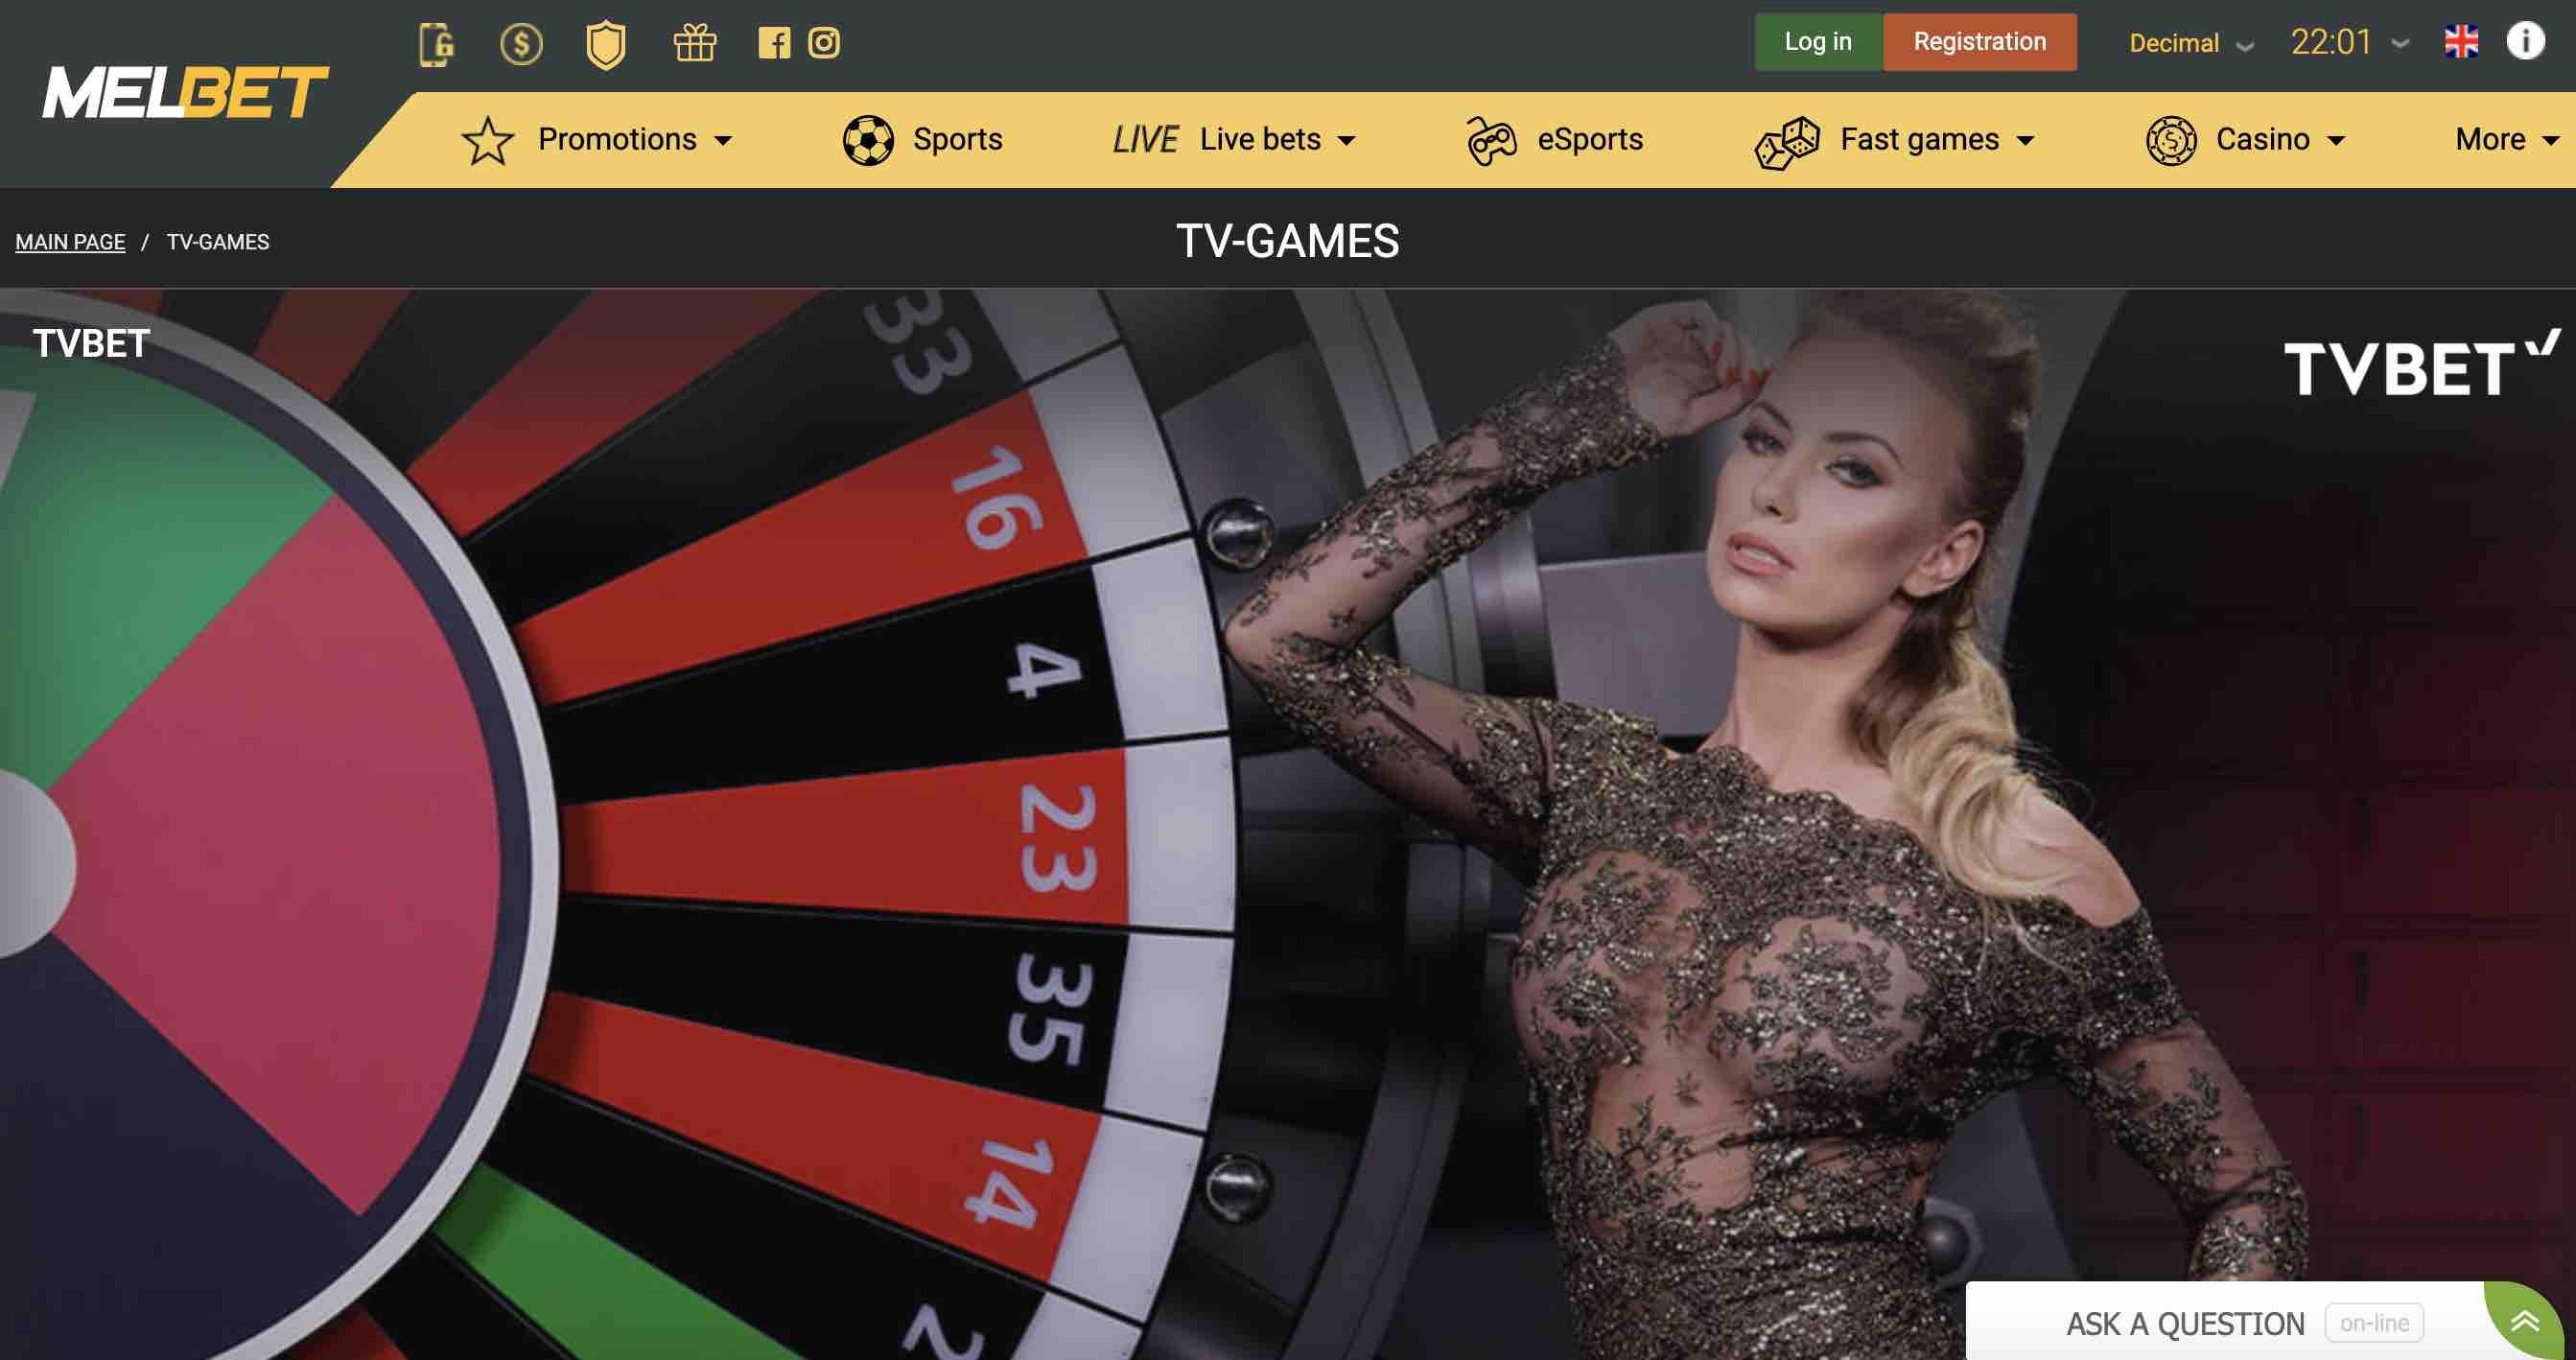 MELbet TV Games